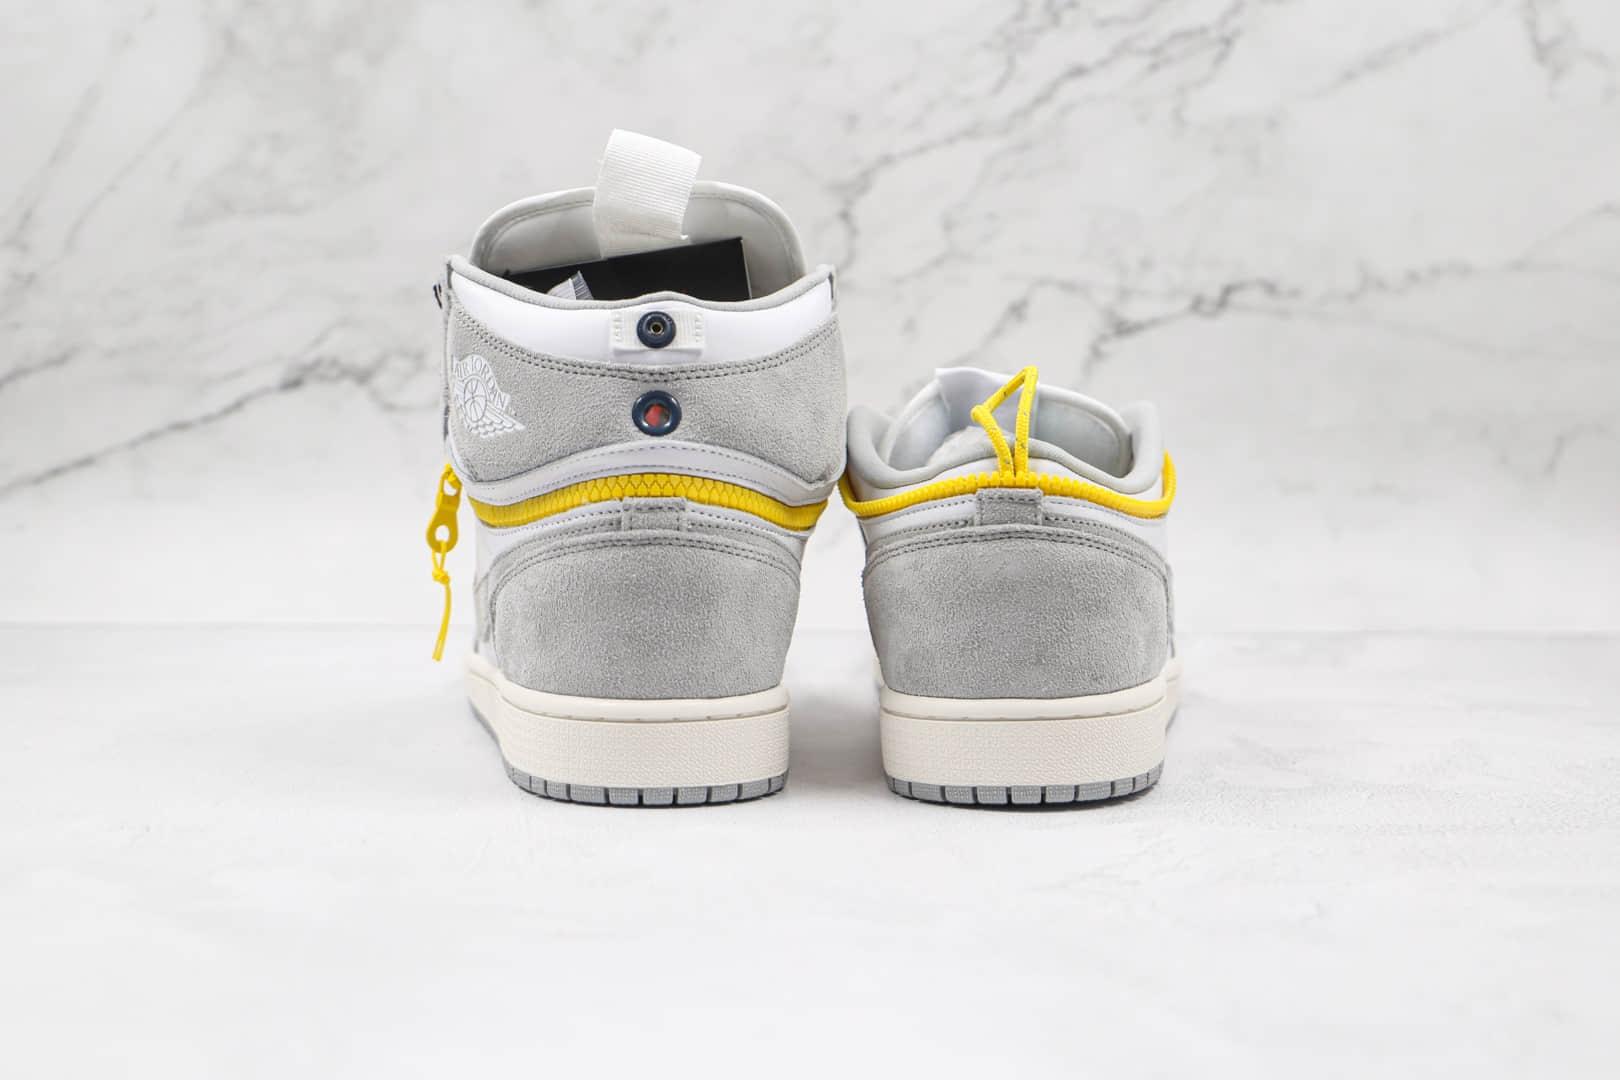 乔丹Air Jordan 1 High Switch Light Smoke Grey纯原版本高帮AJ1拉链款浅烟灰色板鞋原档案数据开发 货号:CW6576-100